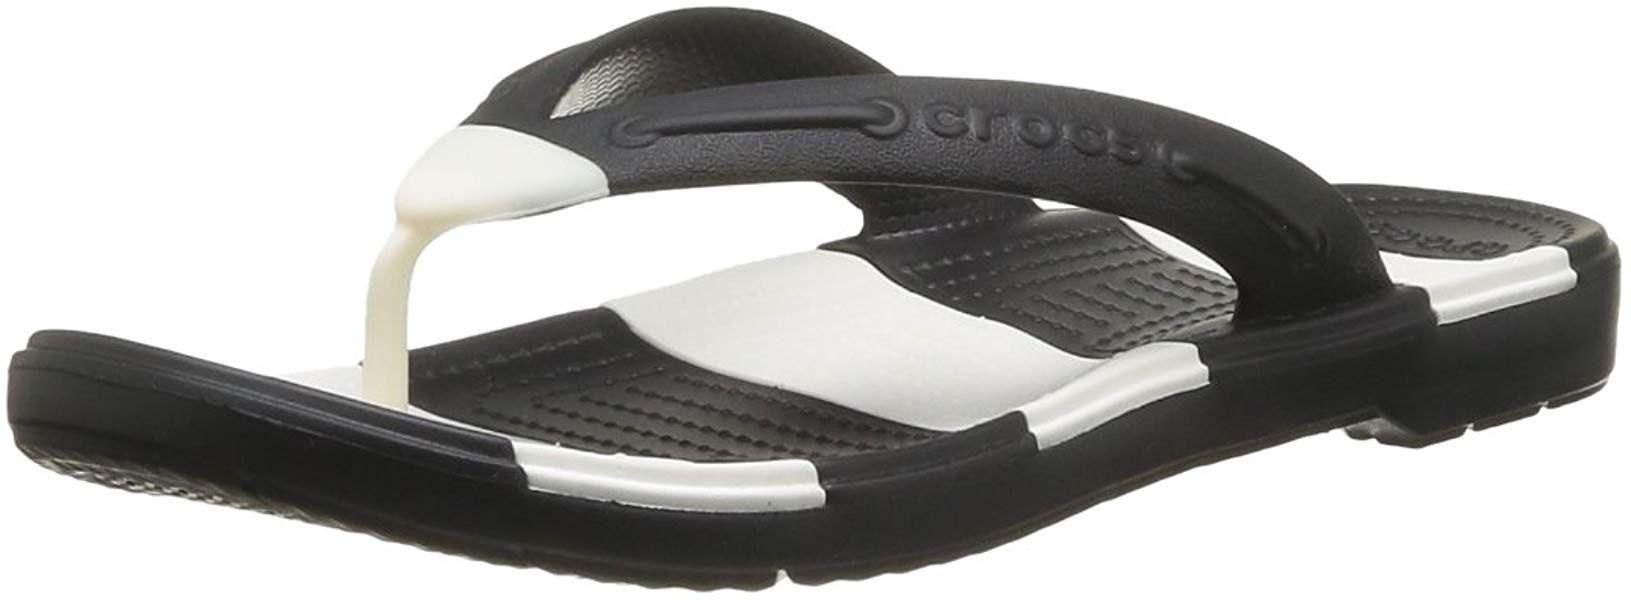 f58301318d9 Crocs Unisex Beach Line Flip Flop